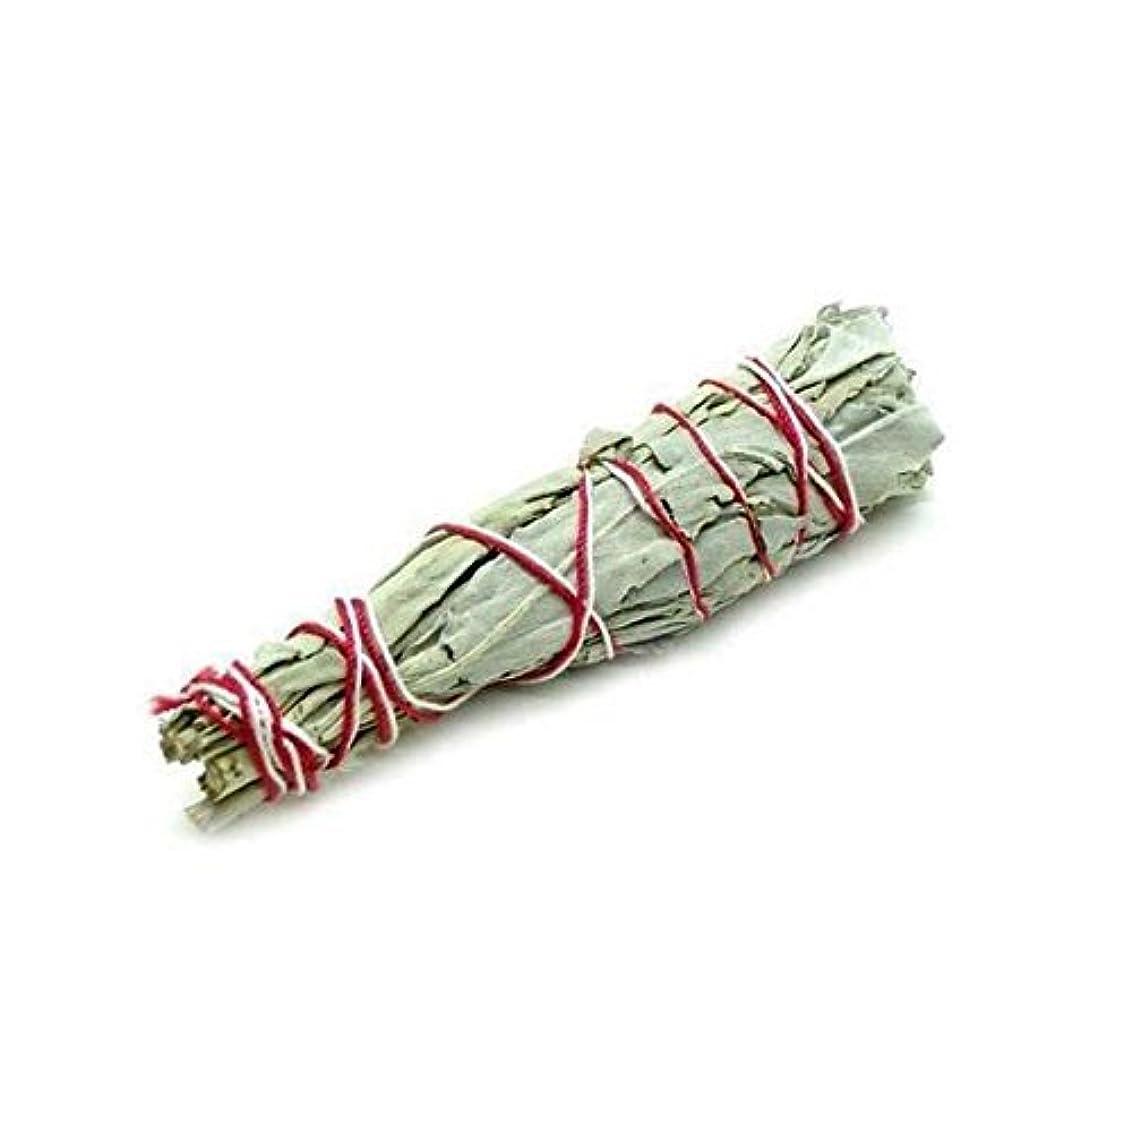 制限記者粘着性セージバンドル – ホワイトセージSmudge Stick使用のクレンジングとPurifyingエネルギー、瞑想、自然として、消臭 – 6 Inches Long